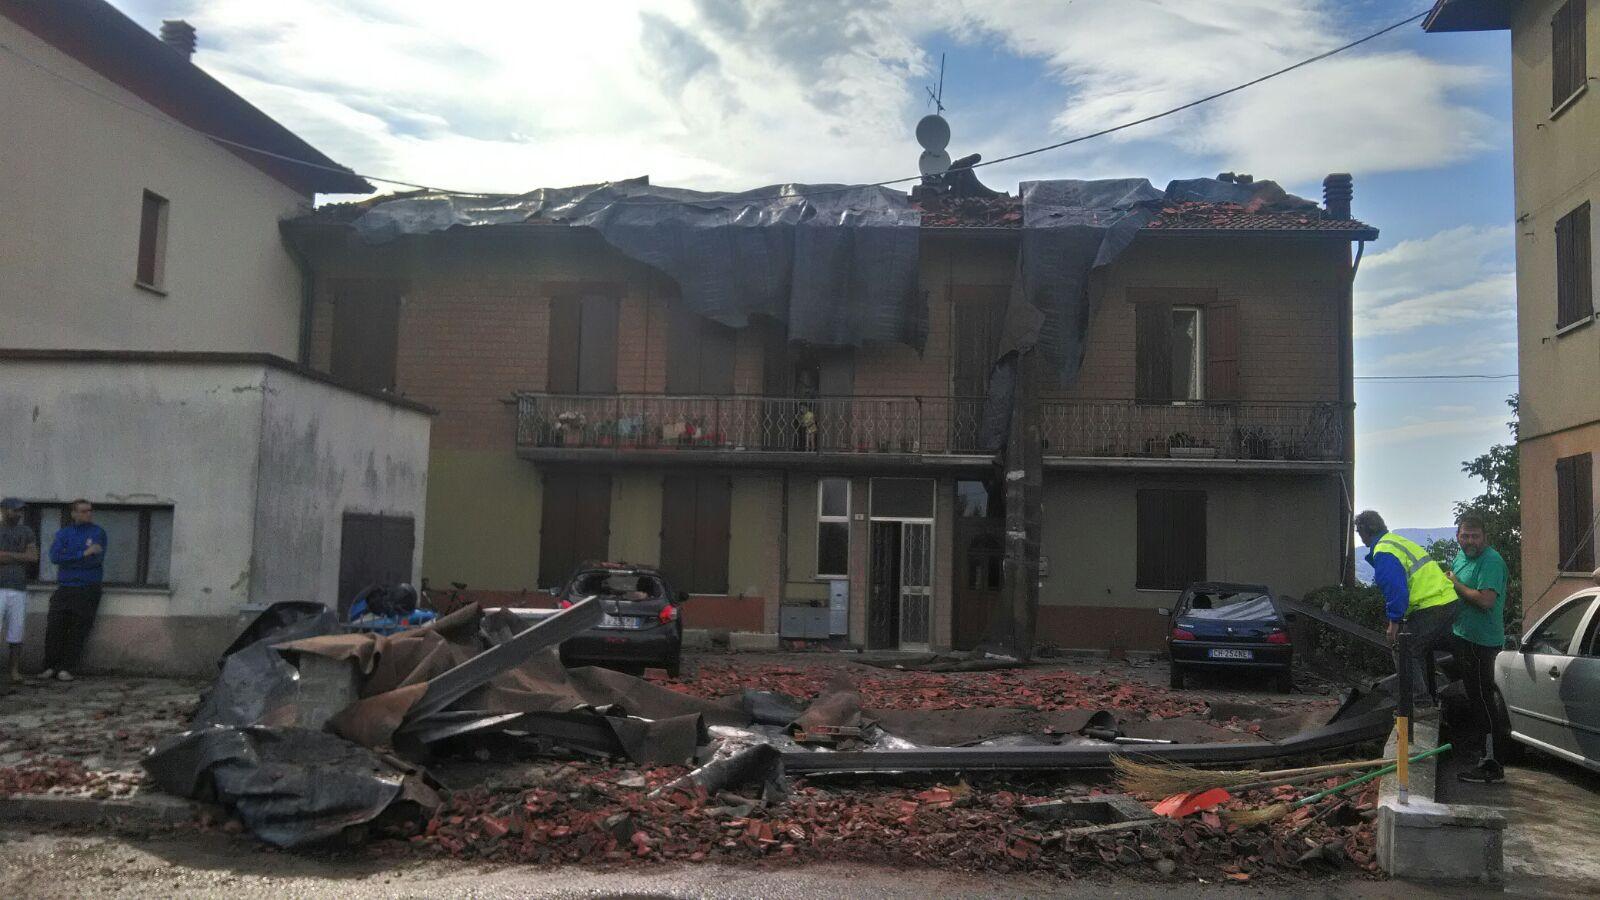 Maltempo in Lombardia, tromba d'aria in Brianza: alberi spezzati, tetti scoperchiati